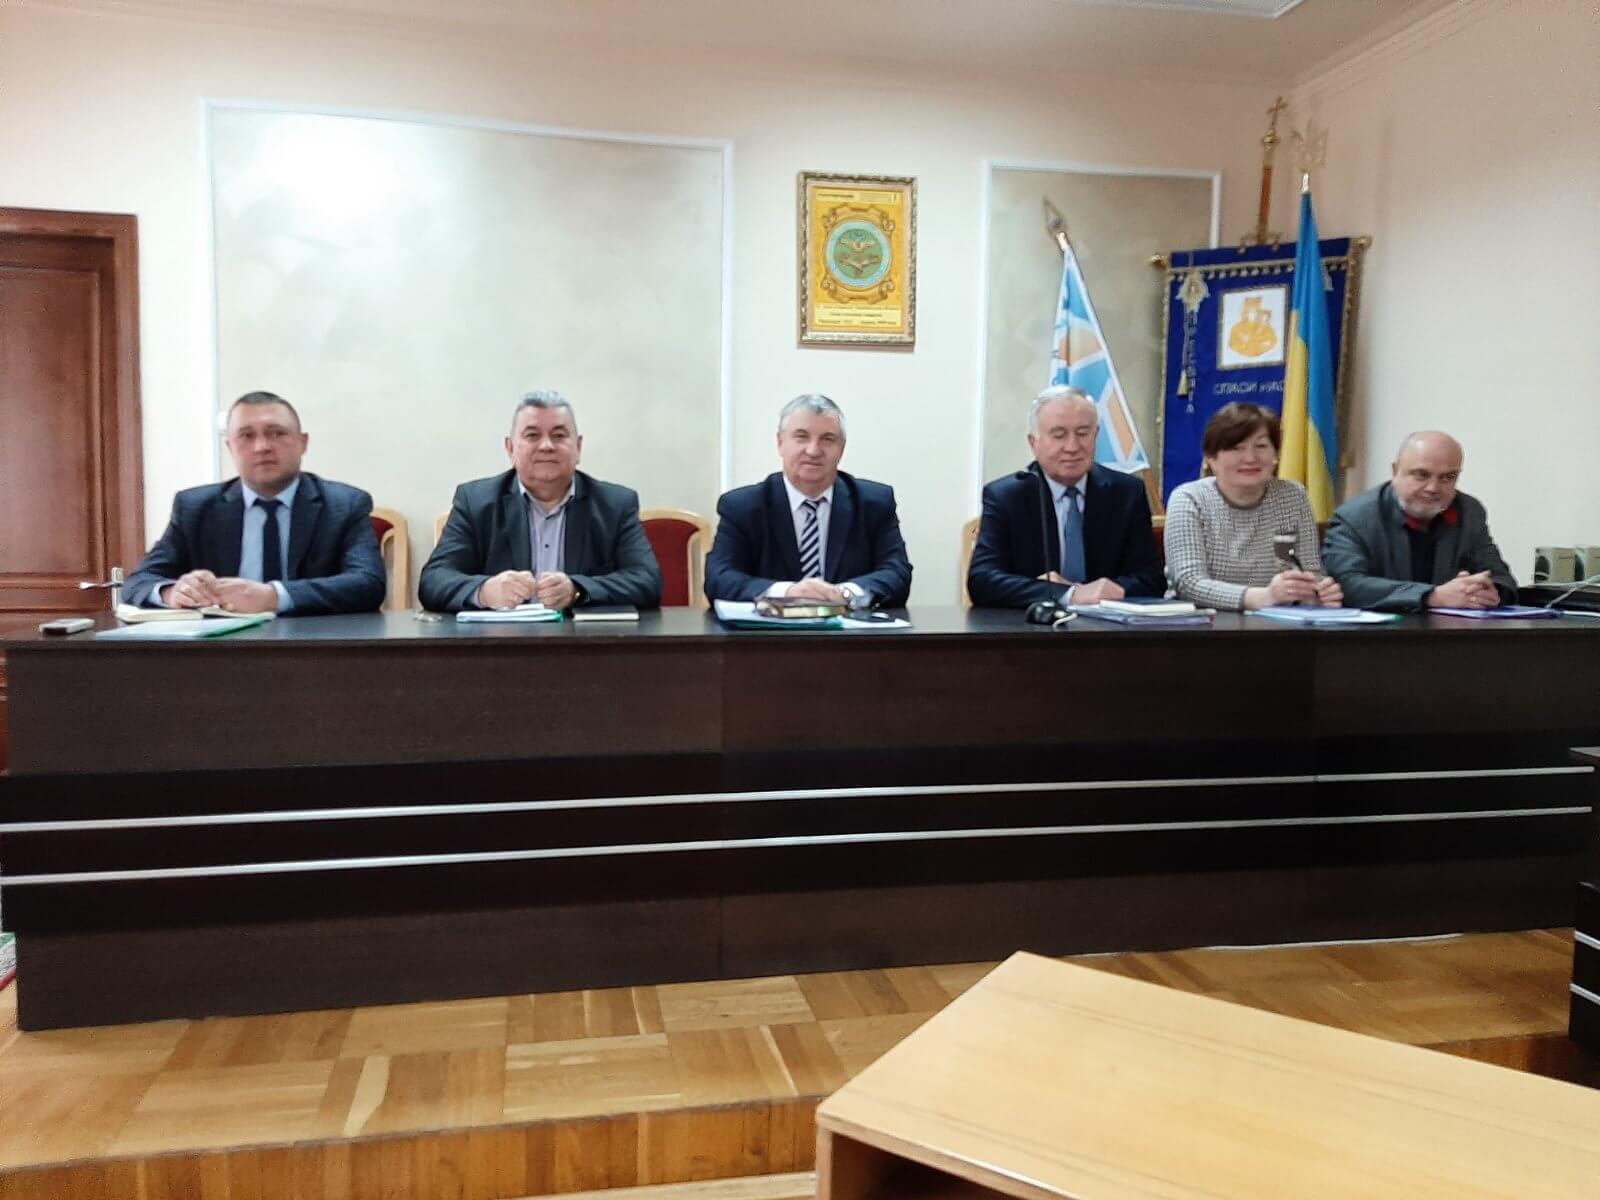 05 лютого 2021 року  відбулось розширене засідання правління  споживспілки